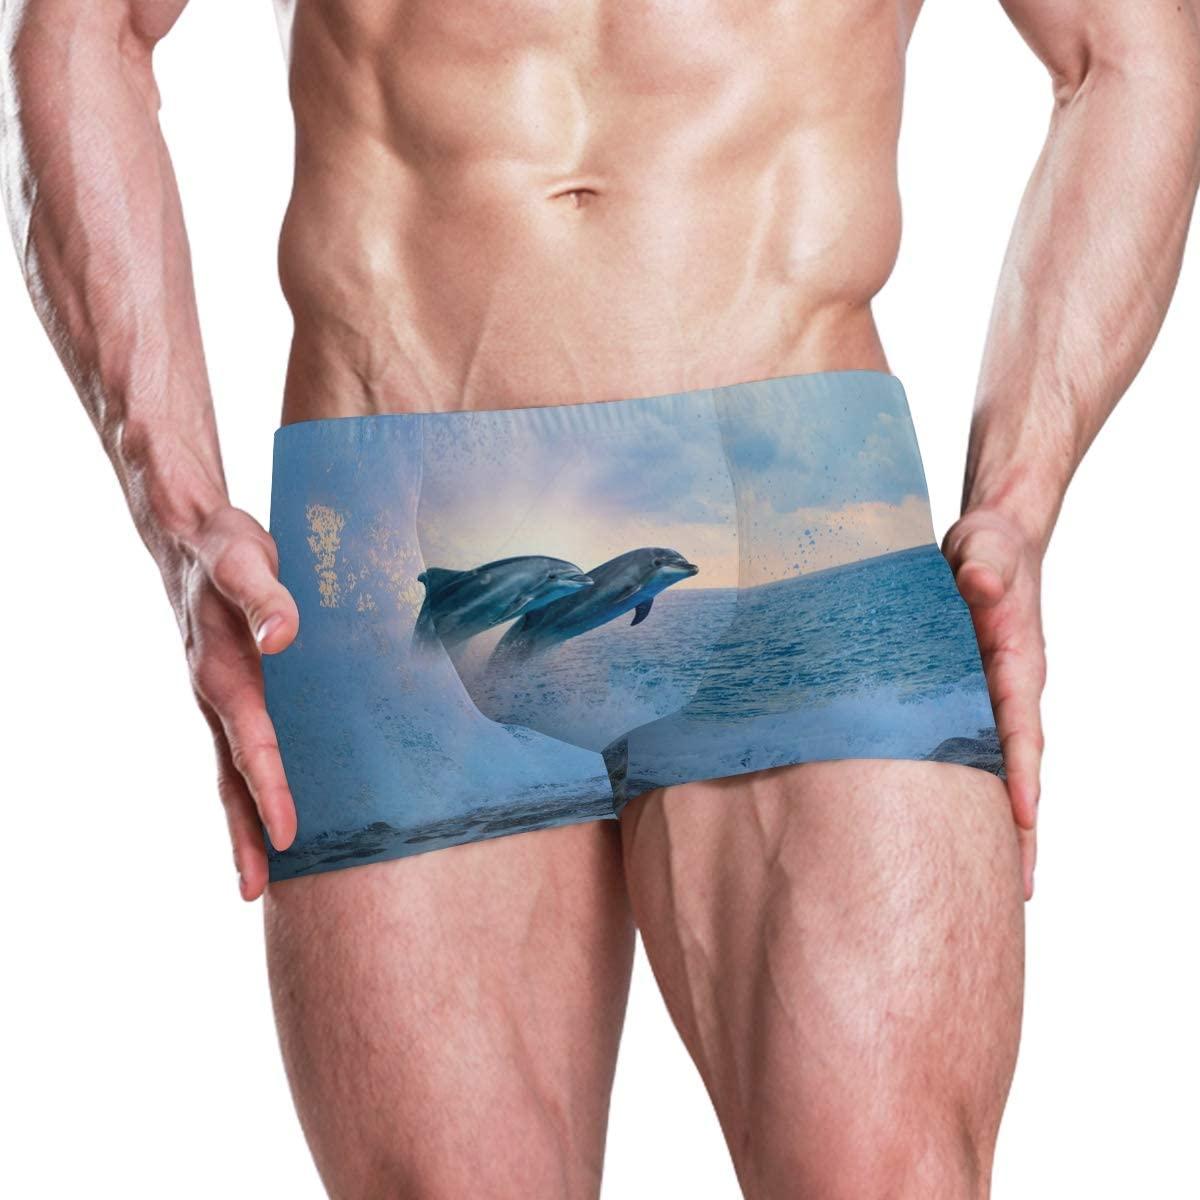 SLHFPX Ocean Wave Dolphin Men's Swimsuit Solid Square Leg Endurance Swim Trunks Swimwear